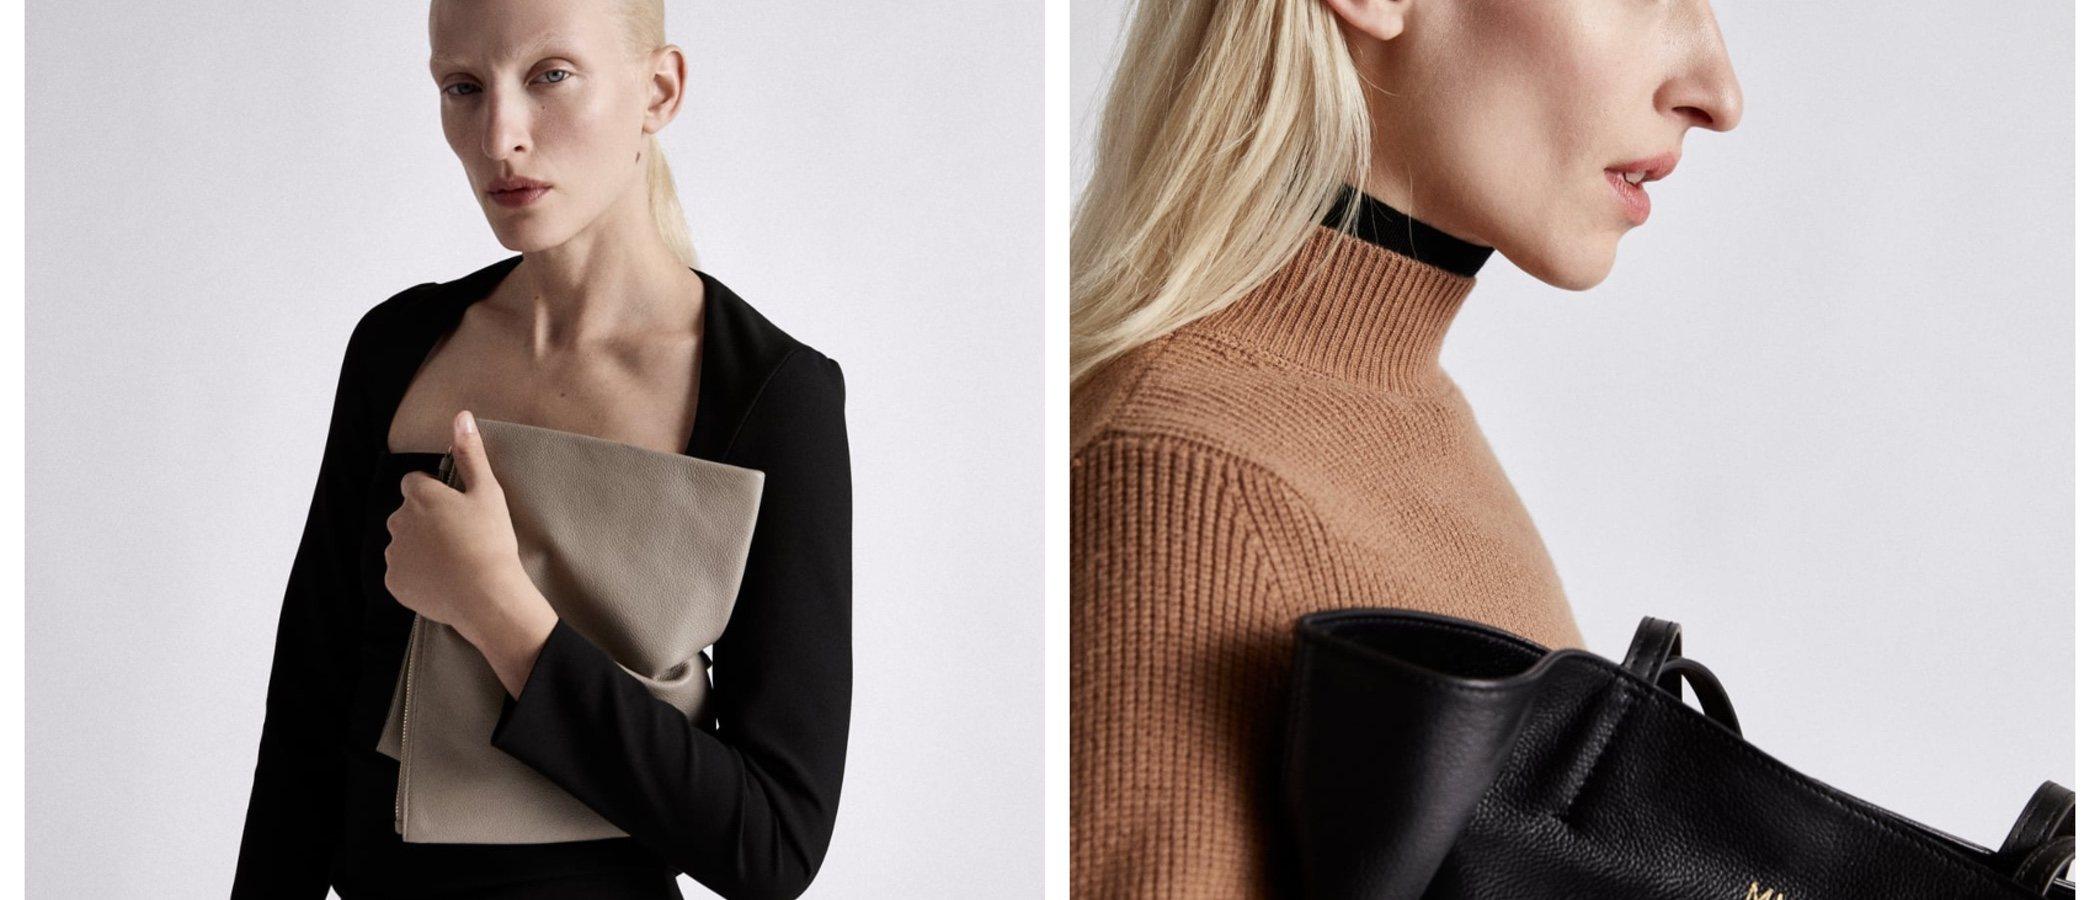 Bolsos personalizados: lo último de Zara para acercase al mercado del lujo